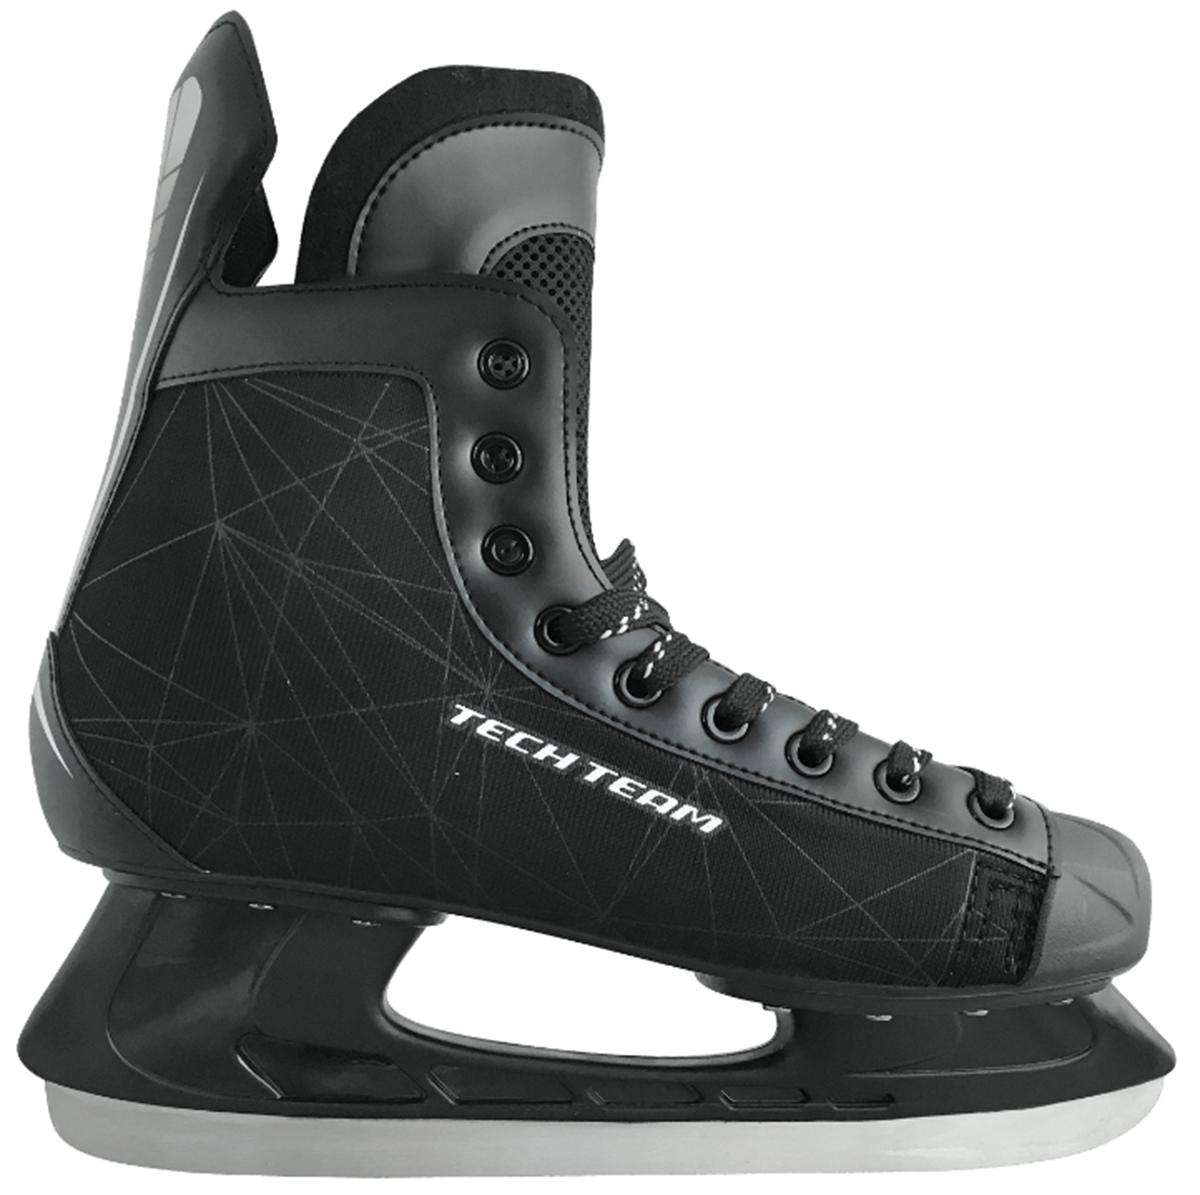 TT Коньки хоккейные  Toronto - 1